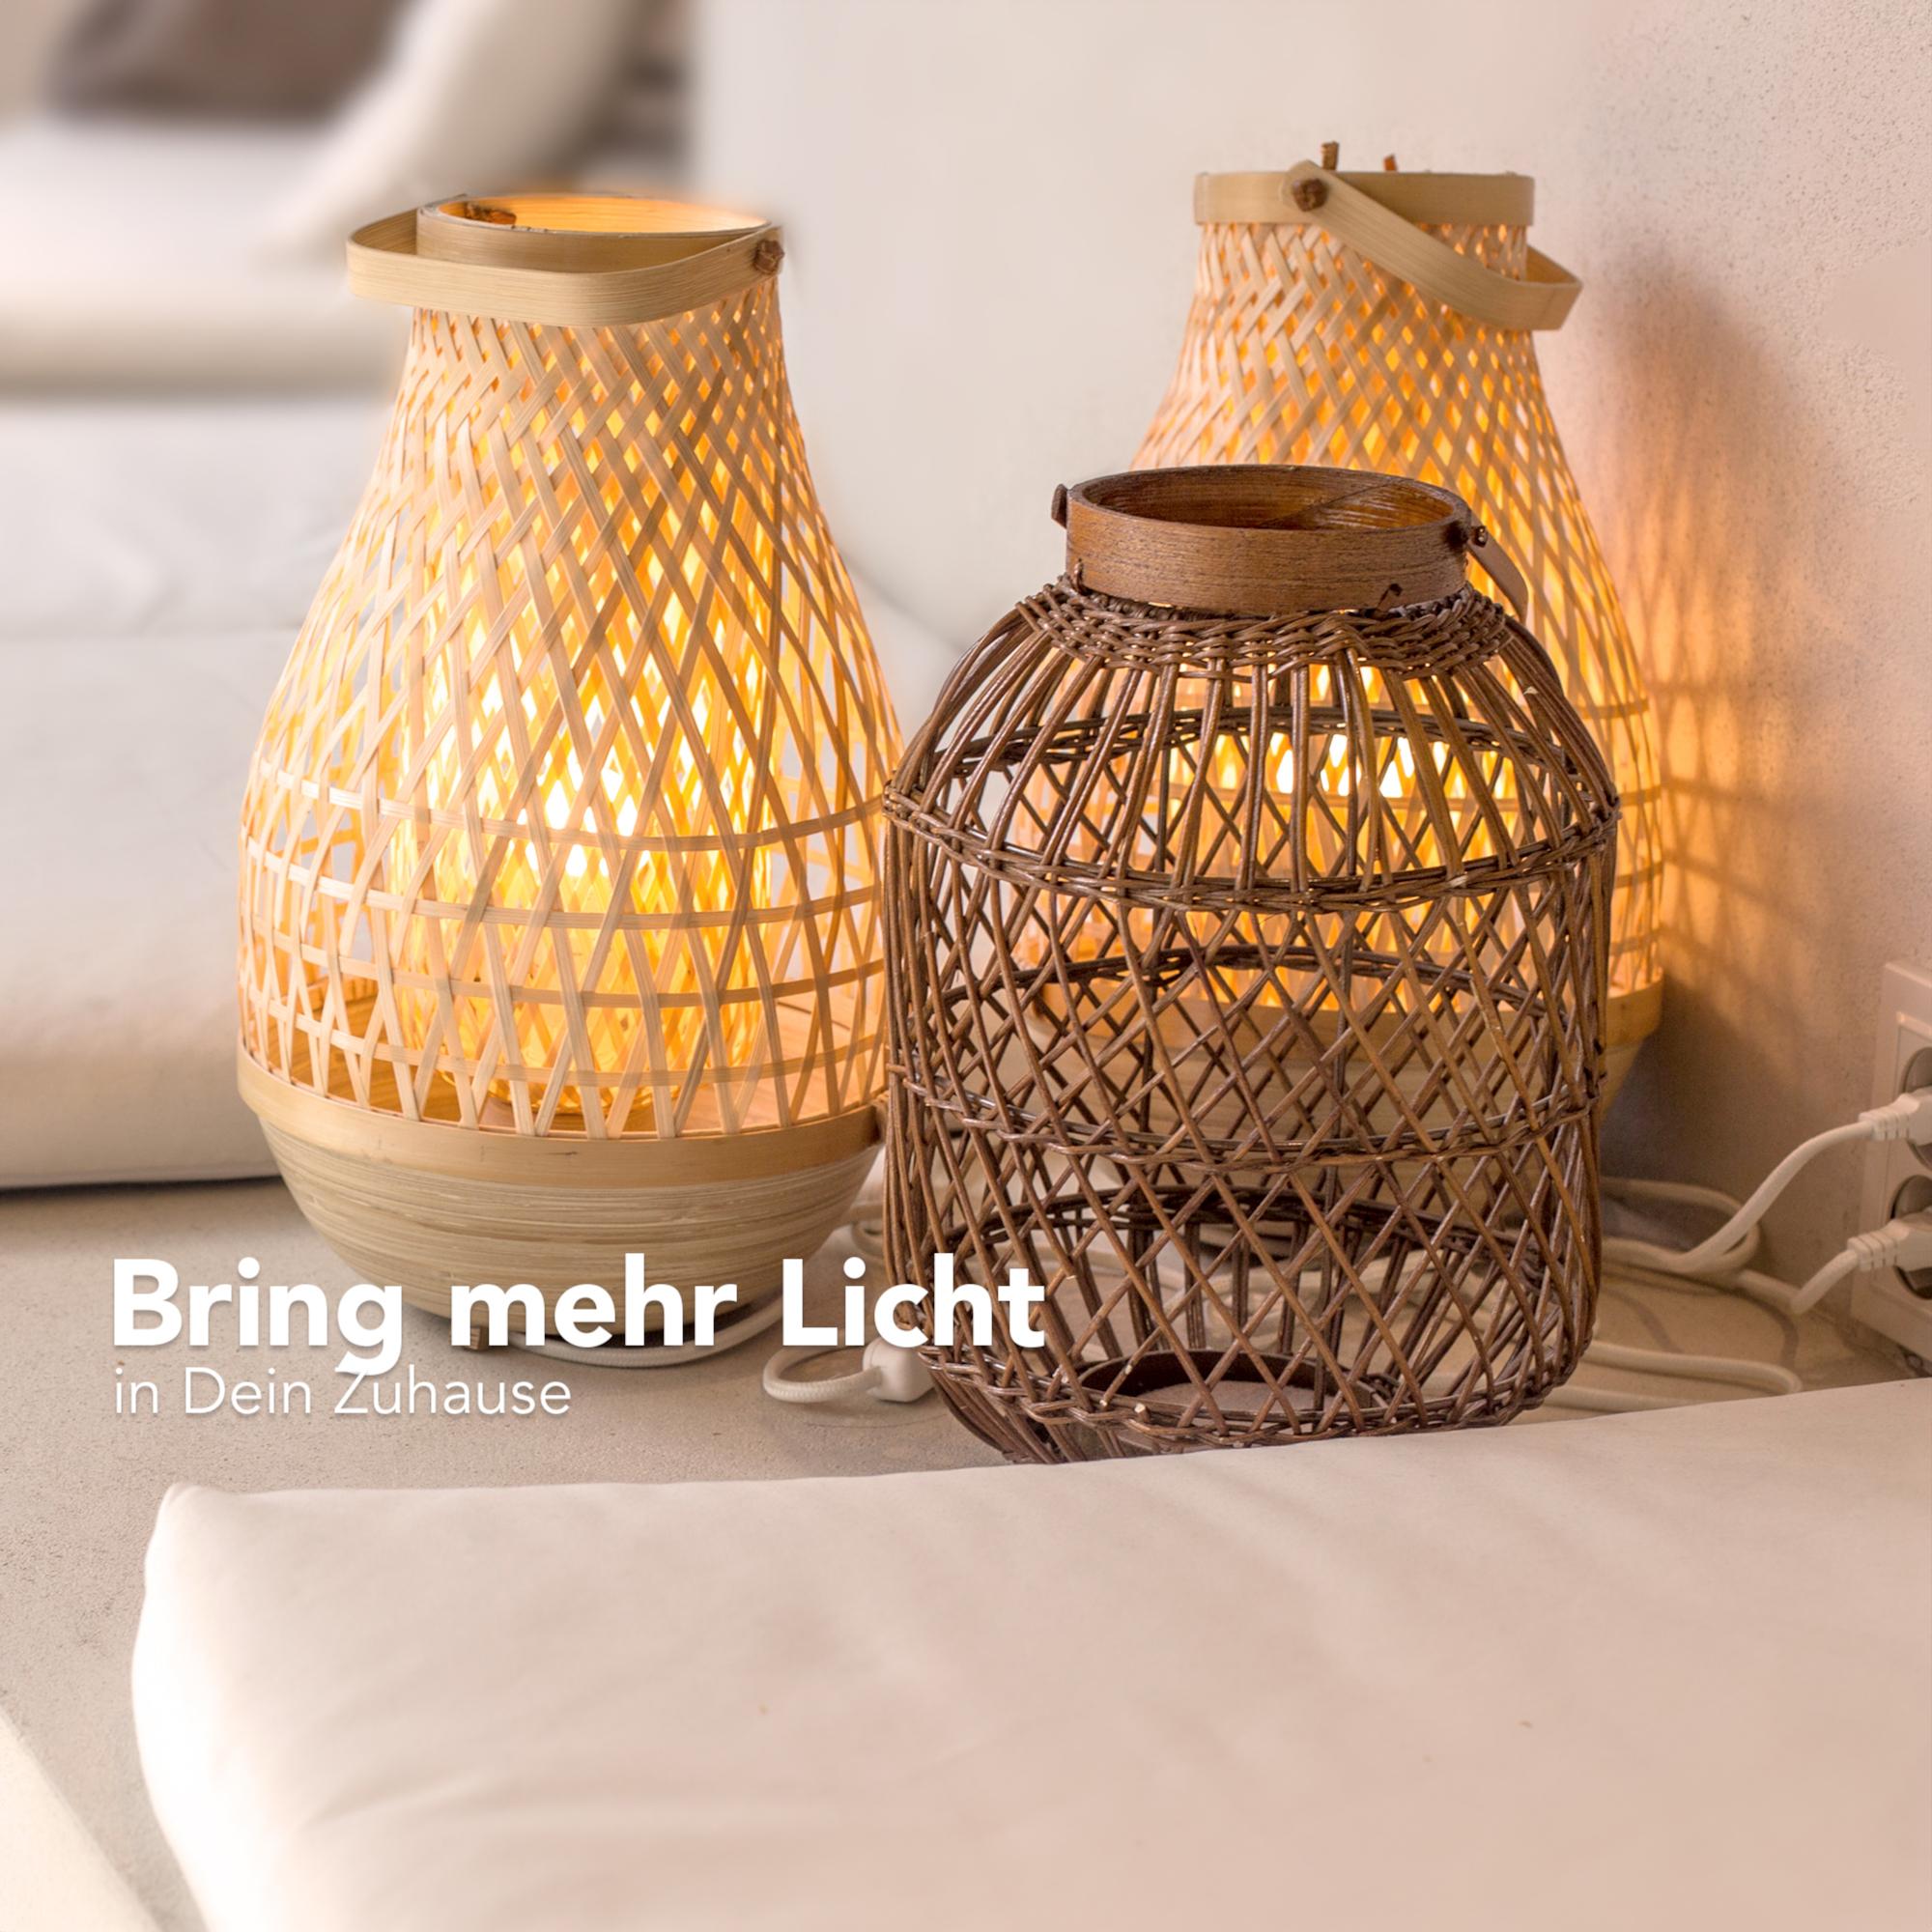 e27 lampenfassung mit kabel 3 5m schalter stecker stromkabel fassung schwarz ebay. Black Bedroom Furniture Sets. Home Design Ideas